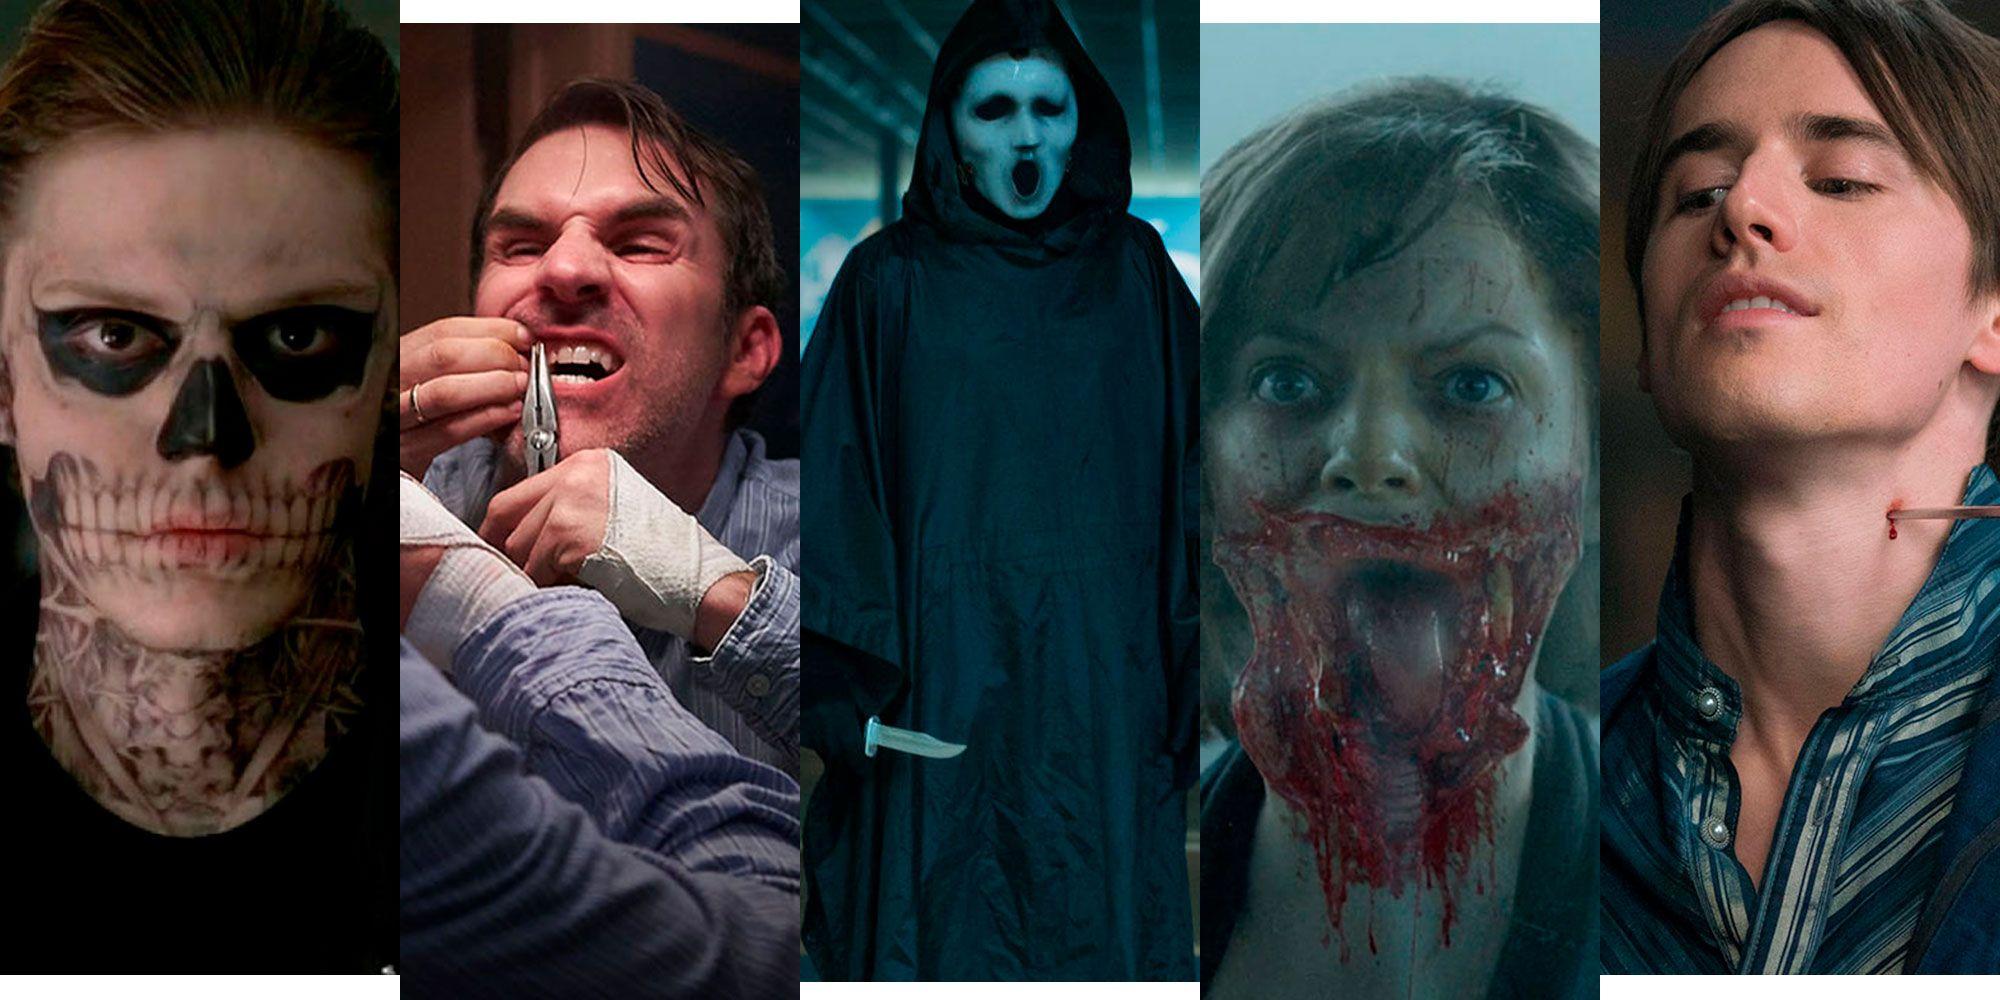 Las mejores series de terror según el miedo que te harán pasar - Series de miedo en Netflix, HBO, Movistar…